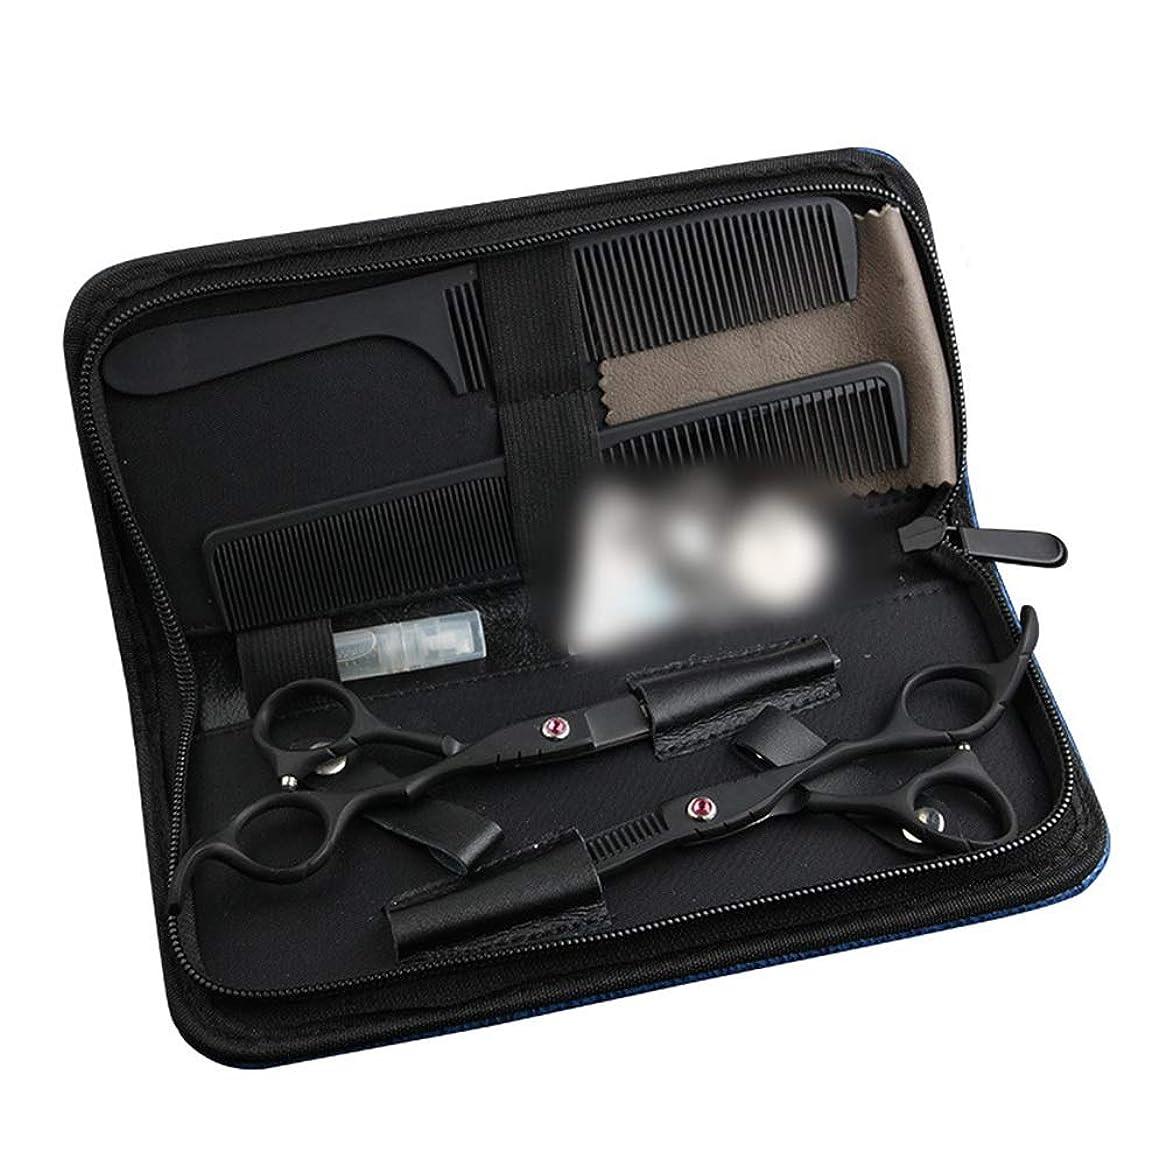 価値密接にクレタ6.0インチ理髪黒シングル曲線手はさみセット、理髪はさみフラットせん断+歯切断コンビネーションセット モデリングツール (色 : 黒)